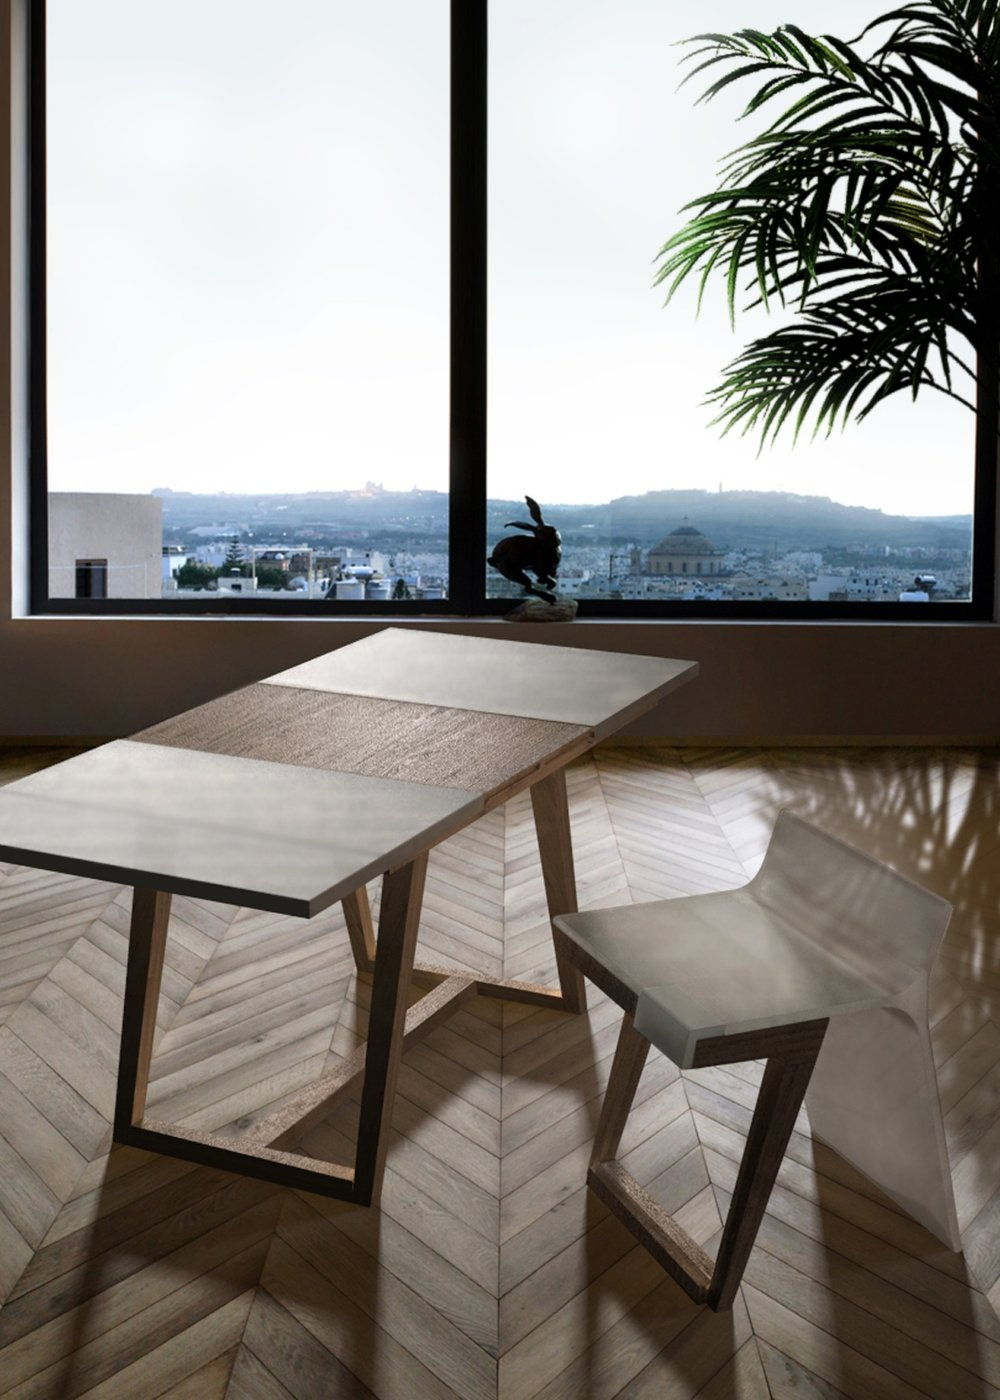 La seduta è composta da due elementi principali: la scocca in materiale plastico traslucido e le gambe in legno impiallacciato noce. La scocca, mediante un meccanismo di rotazione, può essere ribaltata permettendo alla seduta di assumere la sua seconda configurazione in poltroncina. Anche il tavolo può cambiare il suo aspetto tramite l'allungamento del piano superiore, realizzato nello stesso materiale traslucido della scocca, che scopre la struttura sottostante in legno.   The seat is made up of two main elements: the translucent plastic body and the wooden legs. The body can be overturned by a rotating mechanism to form the second setting of the seat. The table can be extended sliding its top that shows   the wooden structure below.